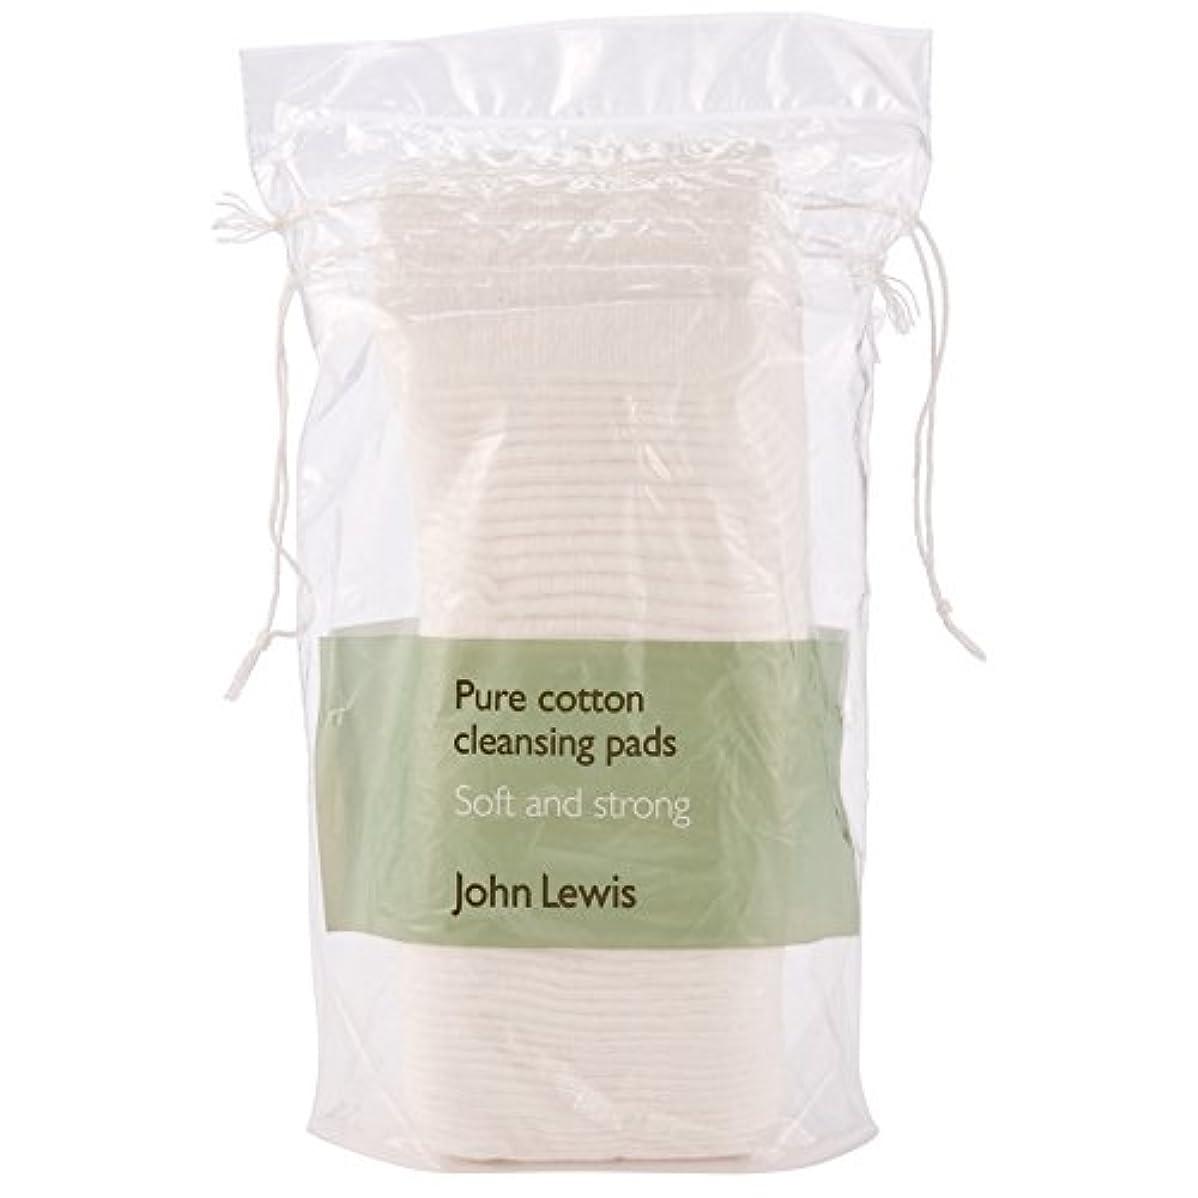 未亡人唯一保証するジョン?ルイス純粋な綿のクレンジングパッド×50 (John Lewis) (x2) - John Lewis Pure Cotton Cleansing Pads x 50 (Pack of 2) [並行輸入品]